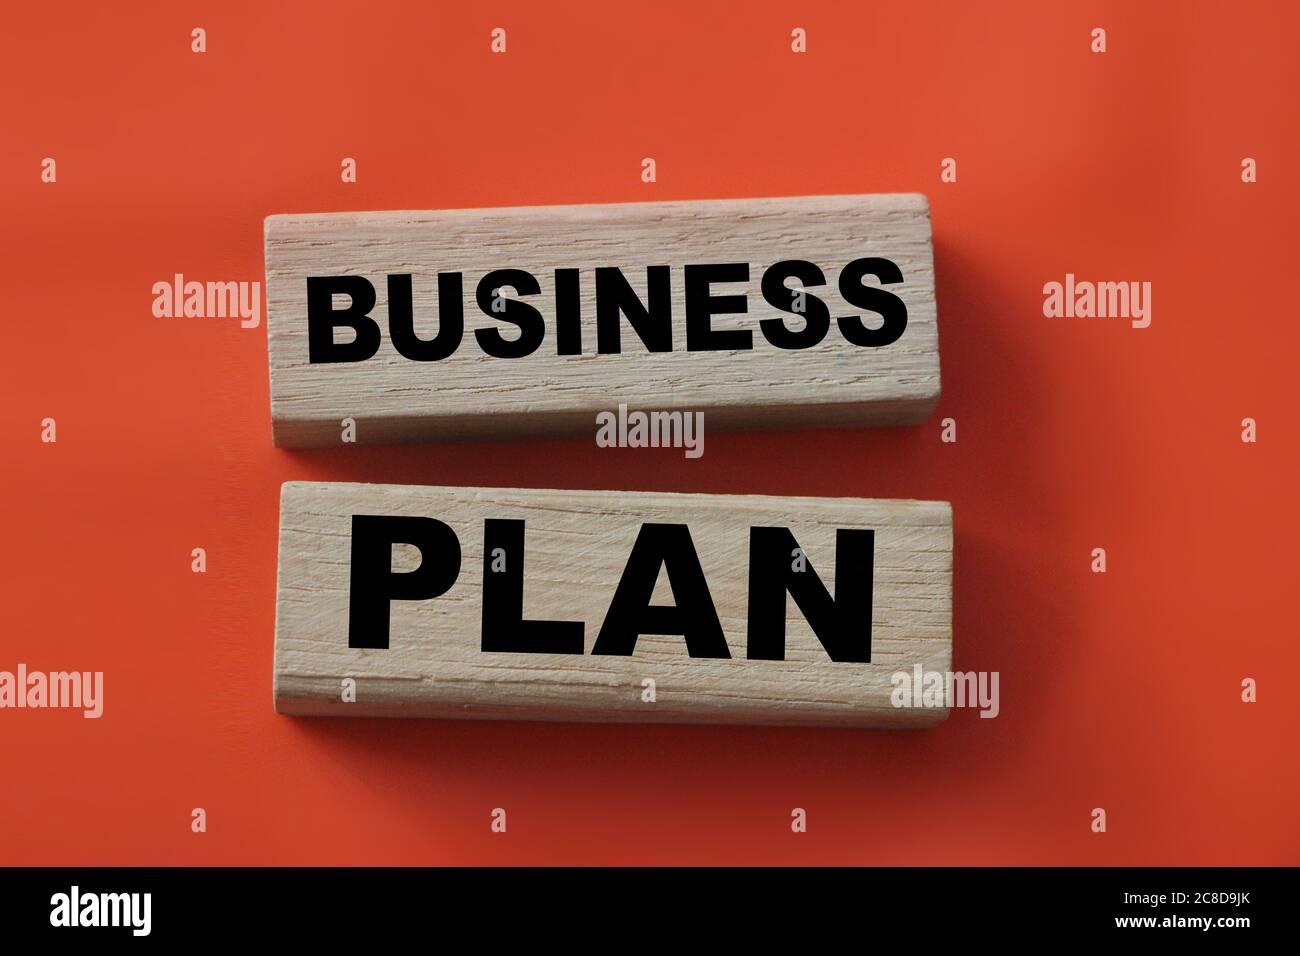 Parole di business plan su blocchi di legno in rosso. Concetto di marketing e gestione Foto Stock